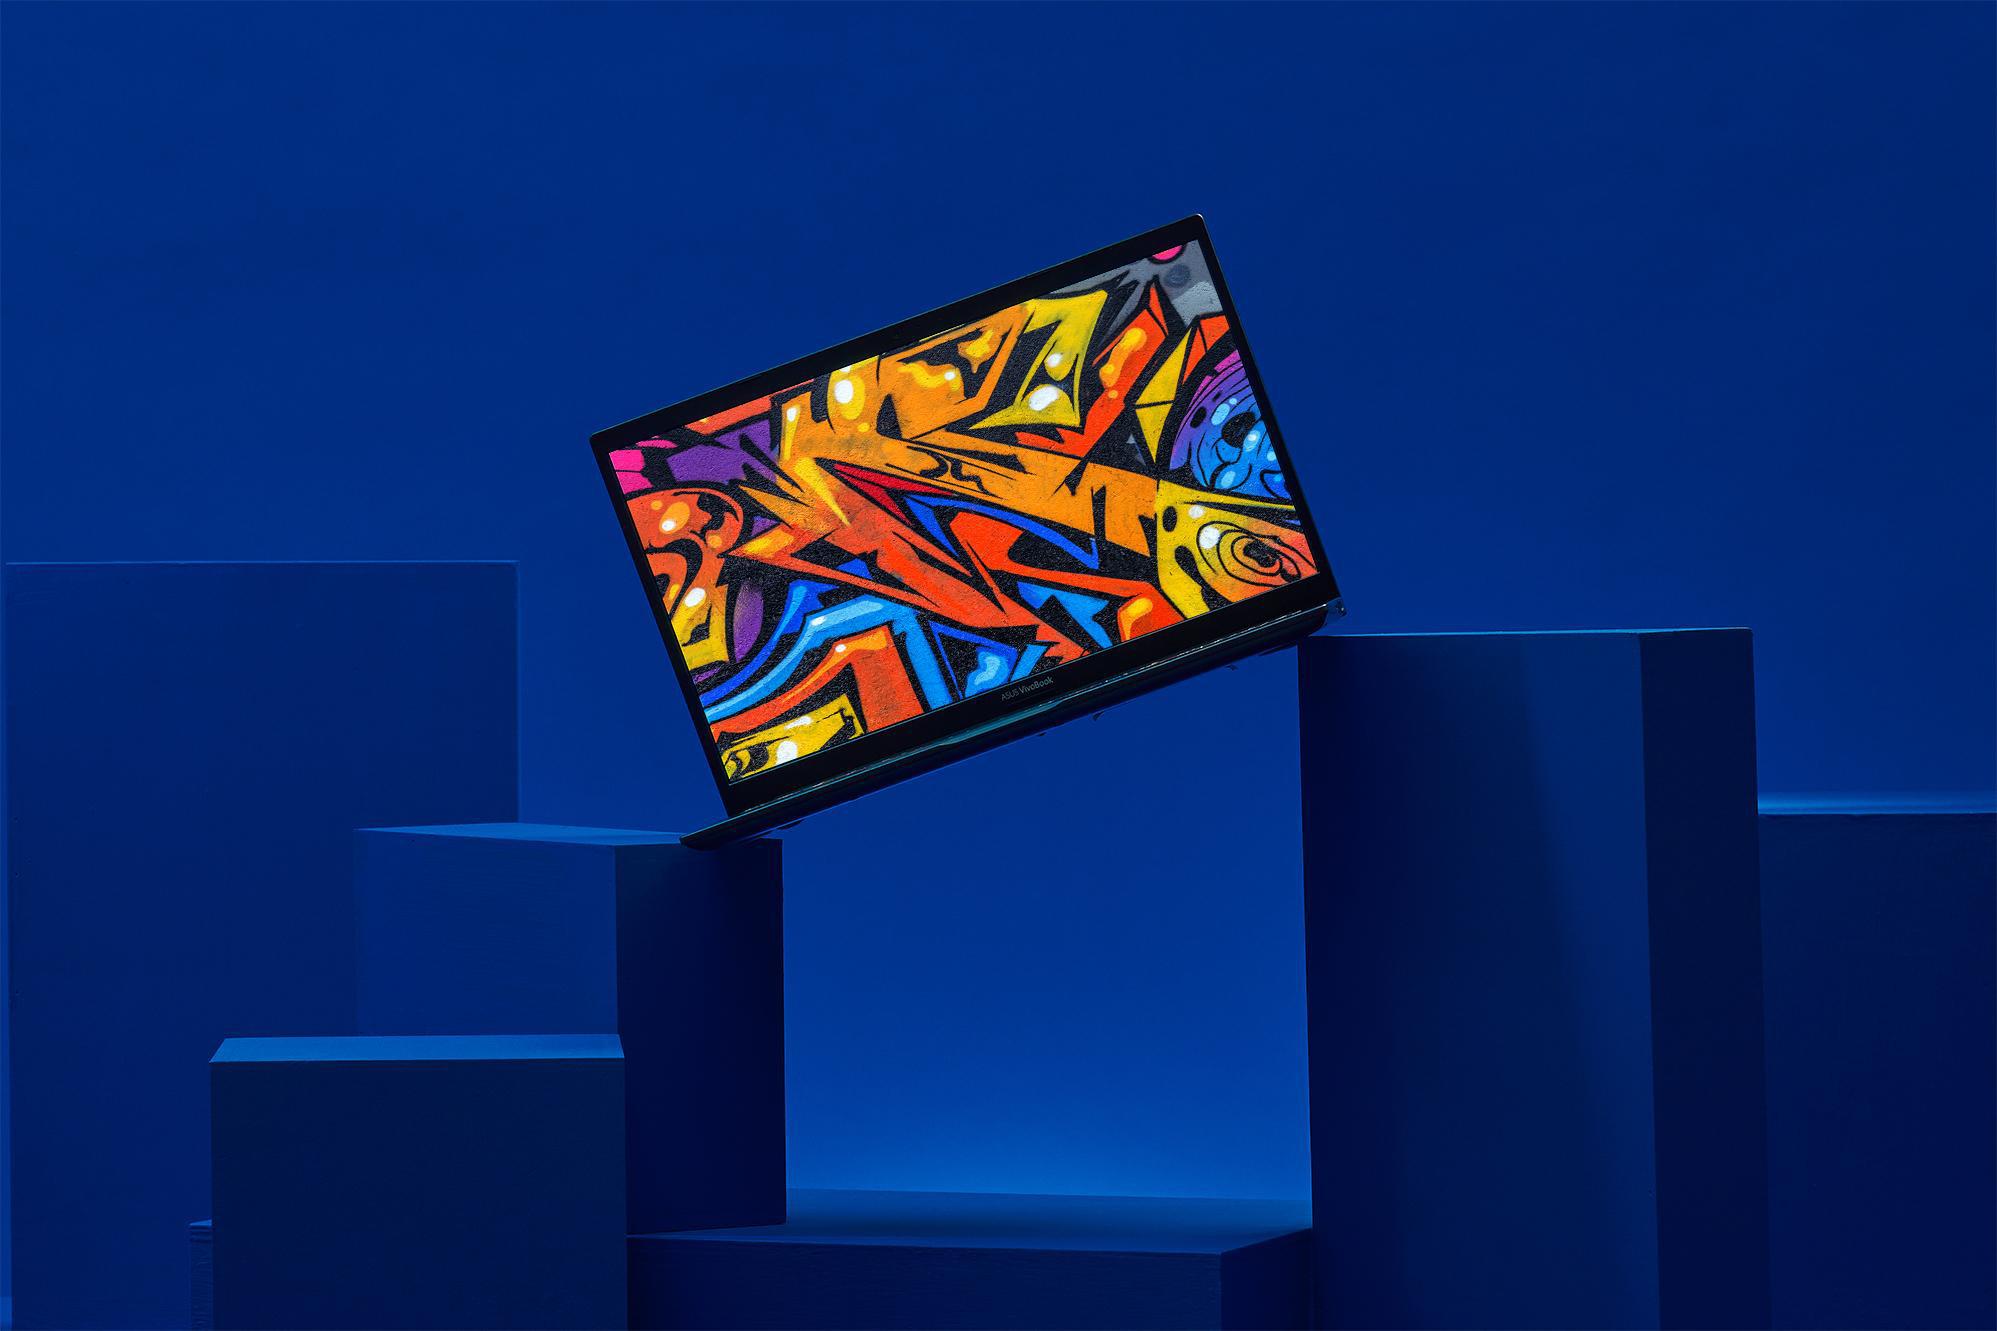 ASUS VivoBook 15 OLED - Mẫu laptop hot hit mới cho Gen Z mùa tựu trường 2021 - Ảnh 2.